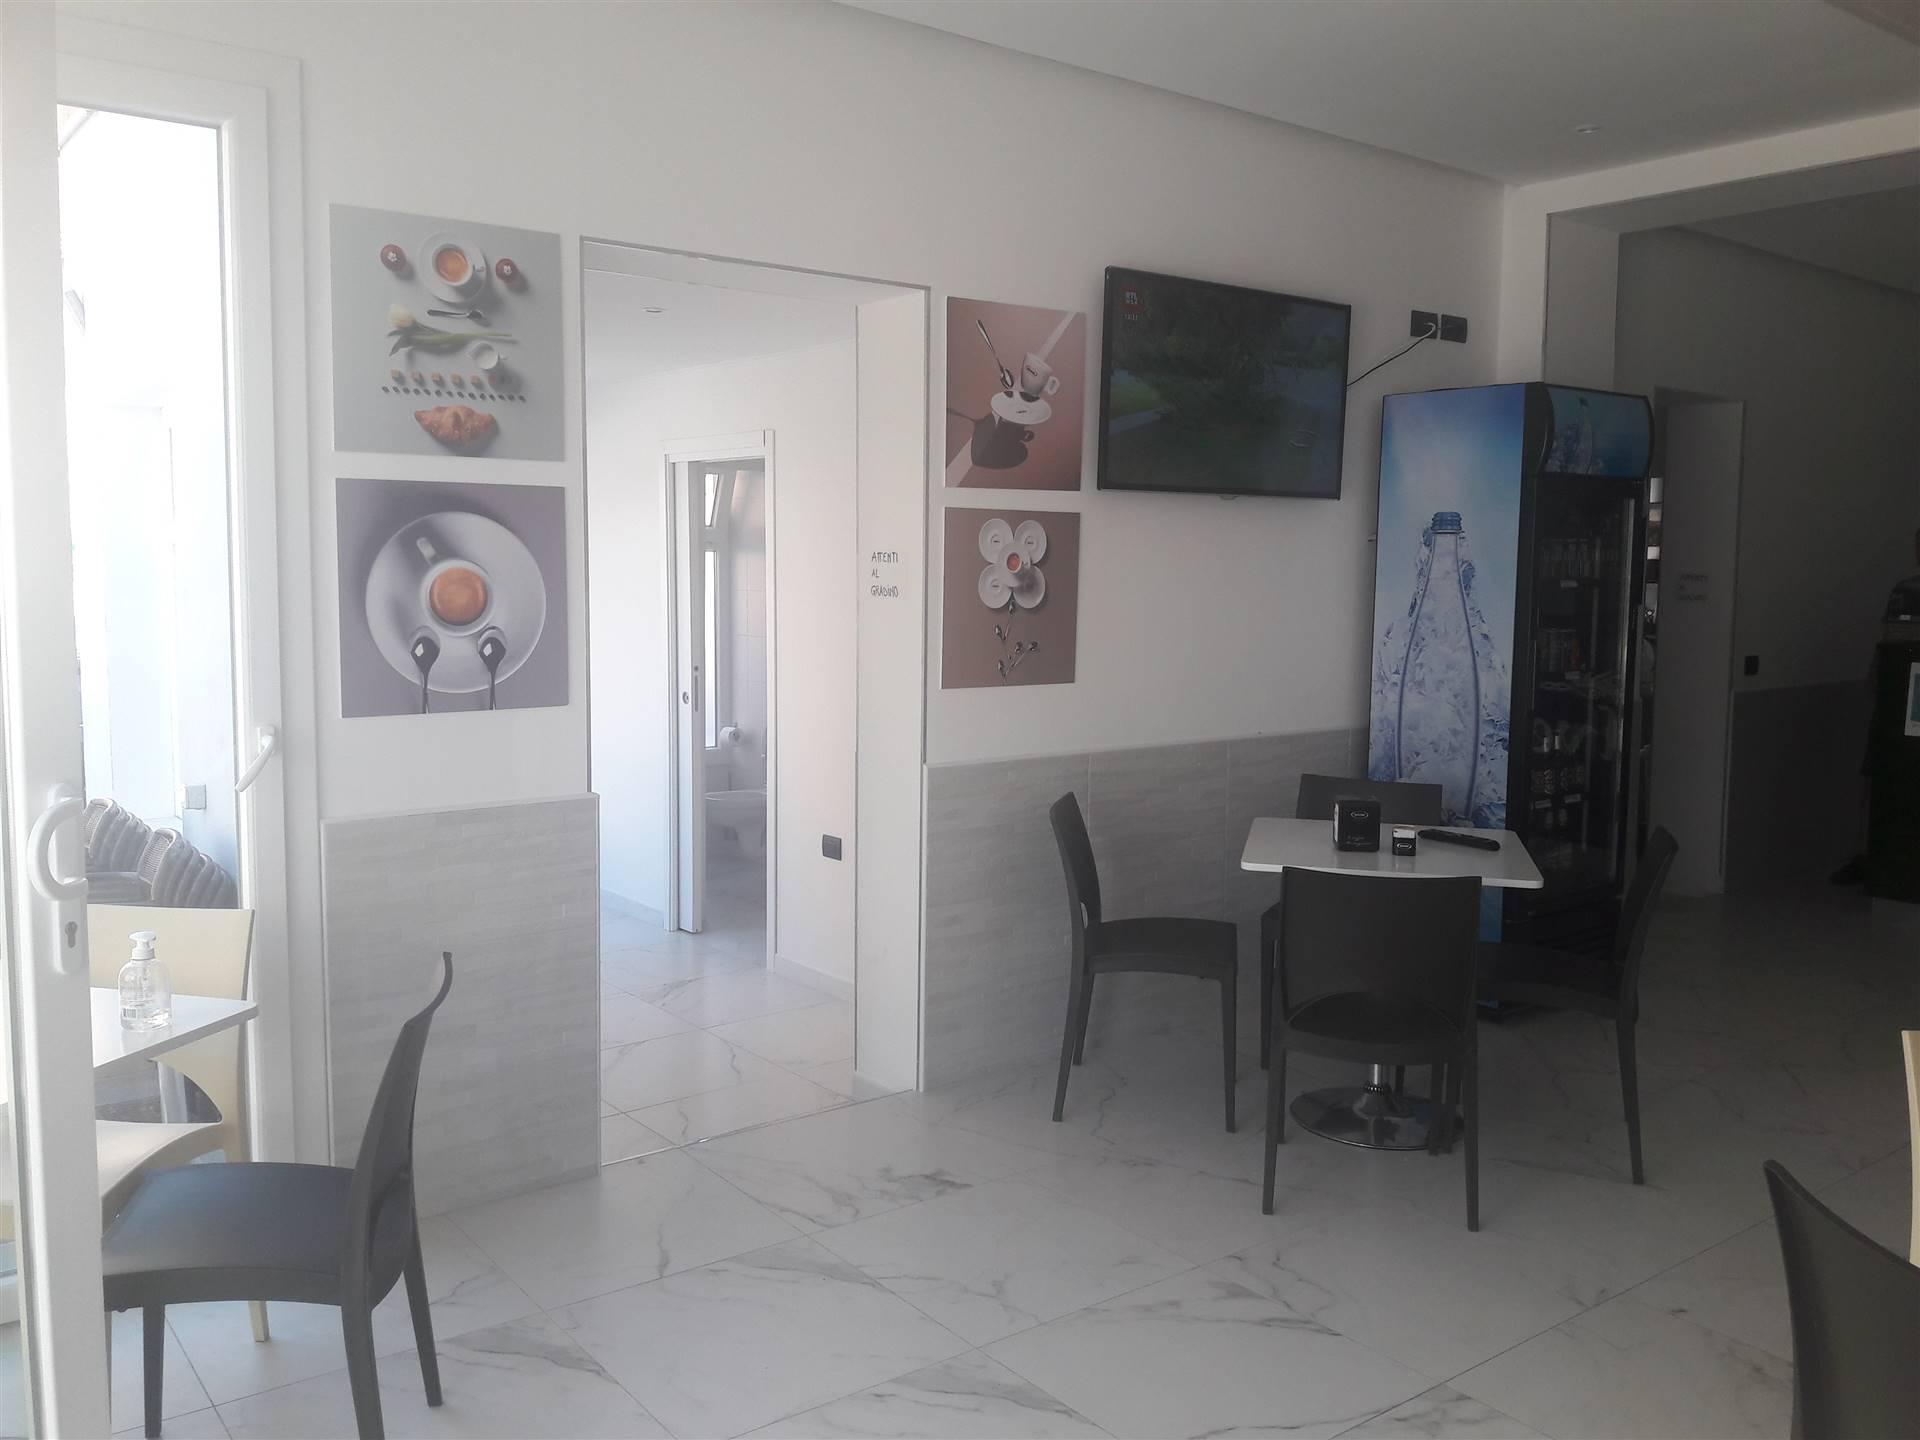 Rif. B217 SOTTOMARINA - vendesi attività di bar e ristorazione in centro storico a Sottomarina, locale di 100 mq. in ottima posizione e di forte